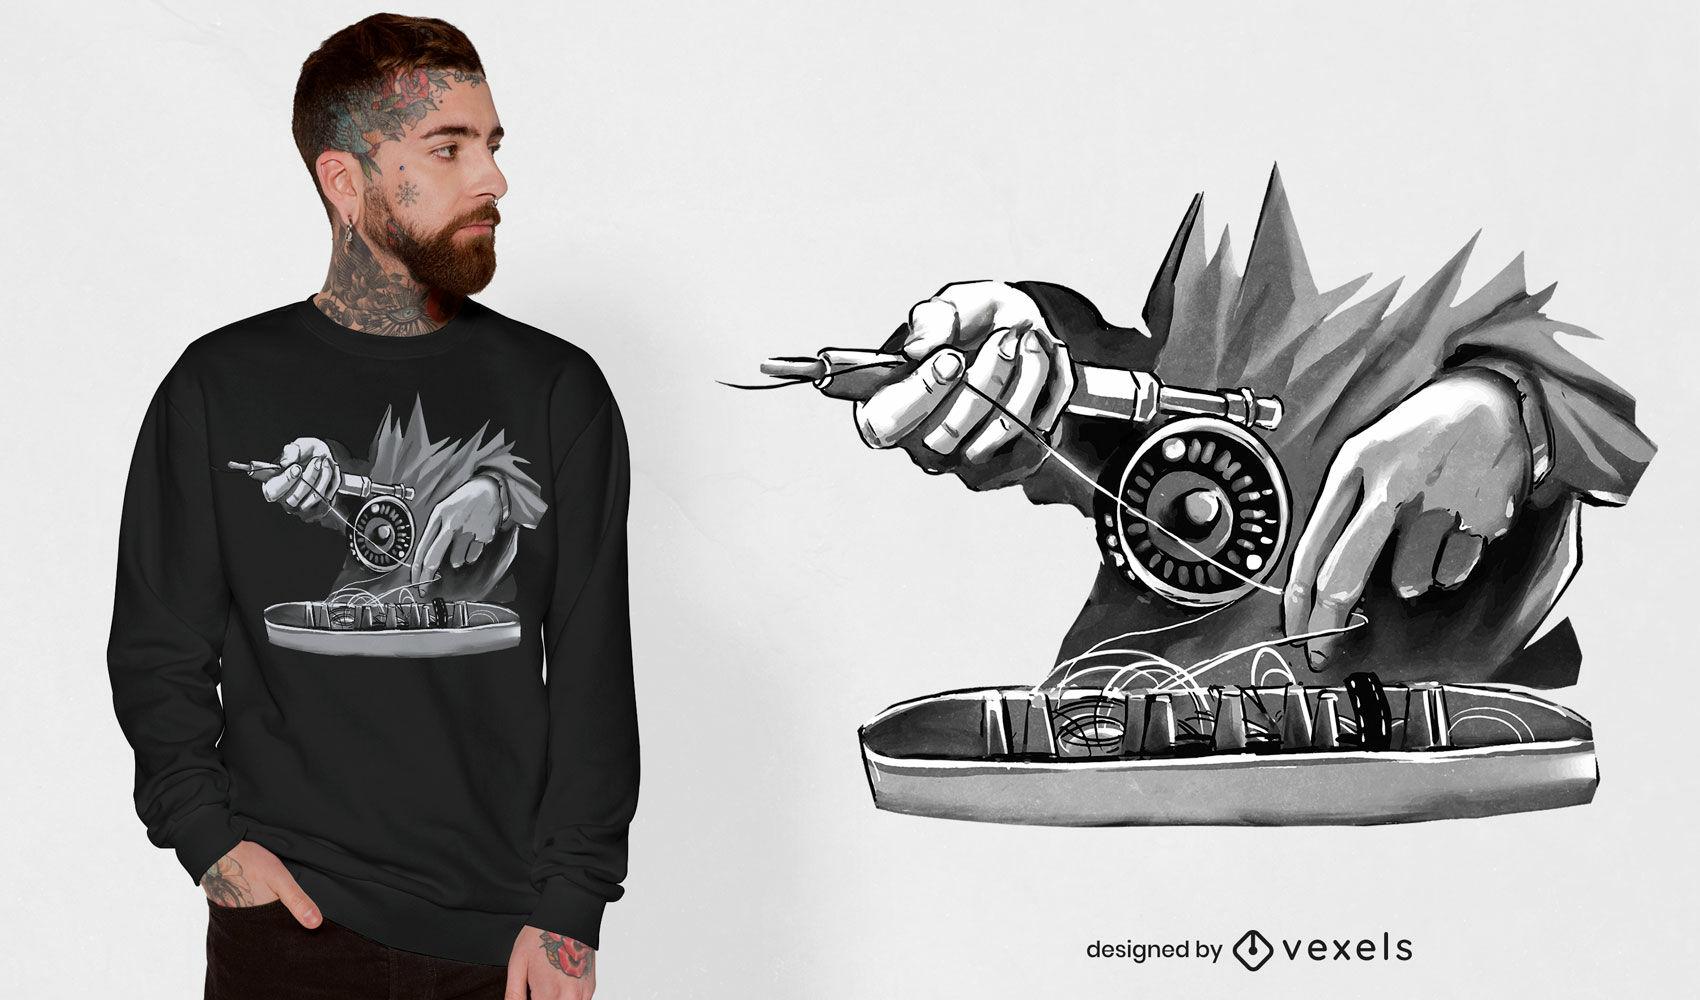 Vara de pesca com design de t-shirt psd monocromática com mãos